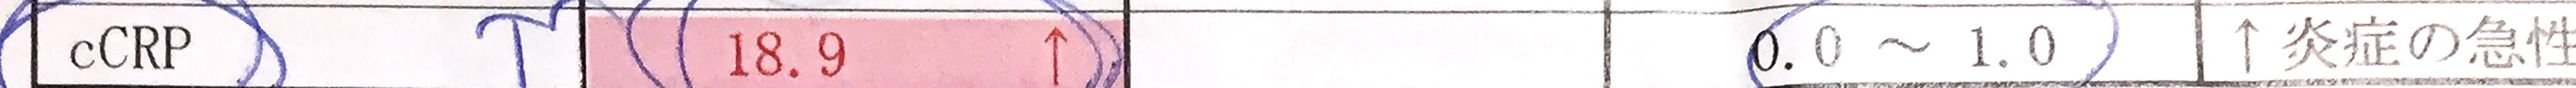 170616CRP.jpg